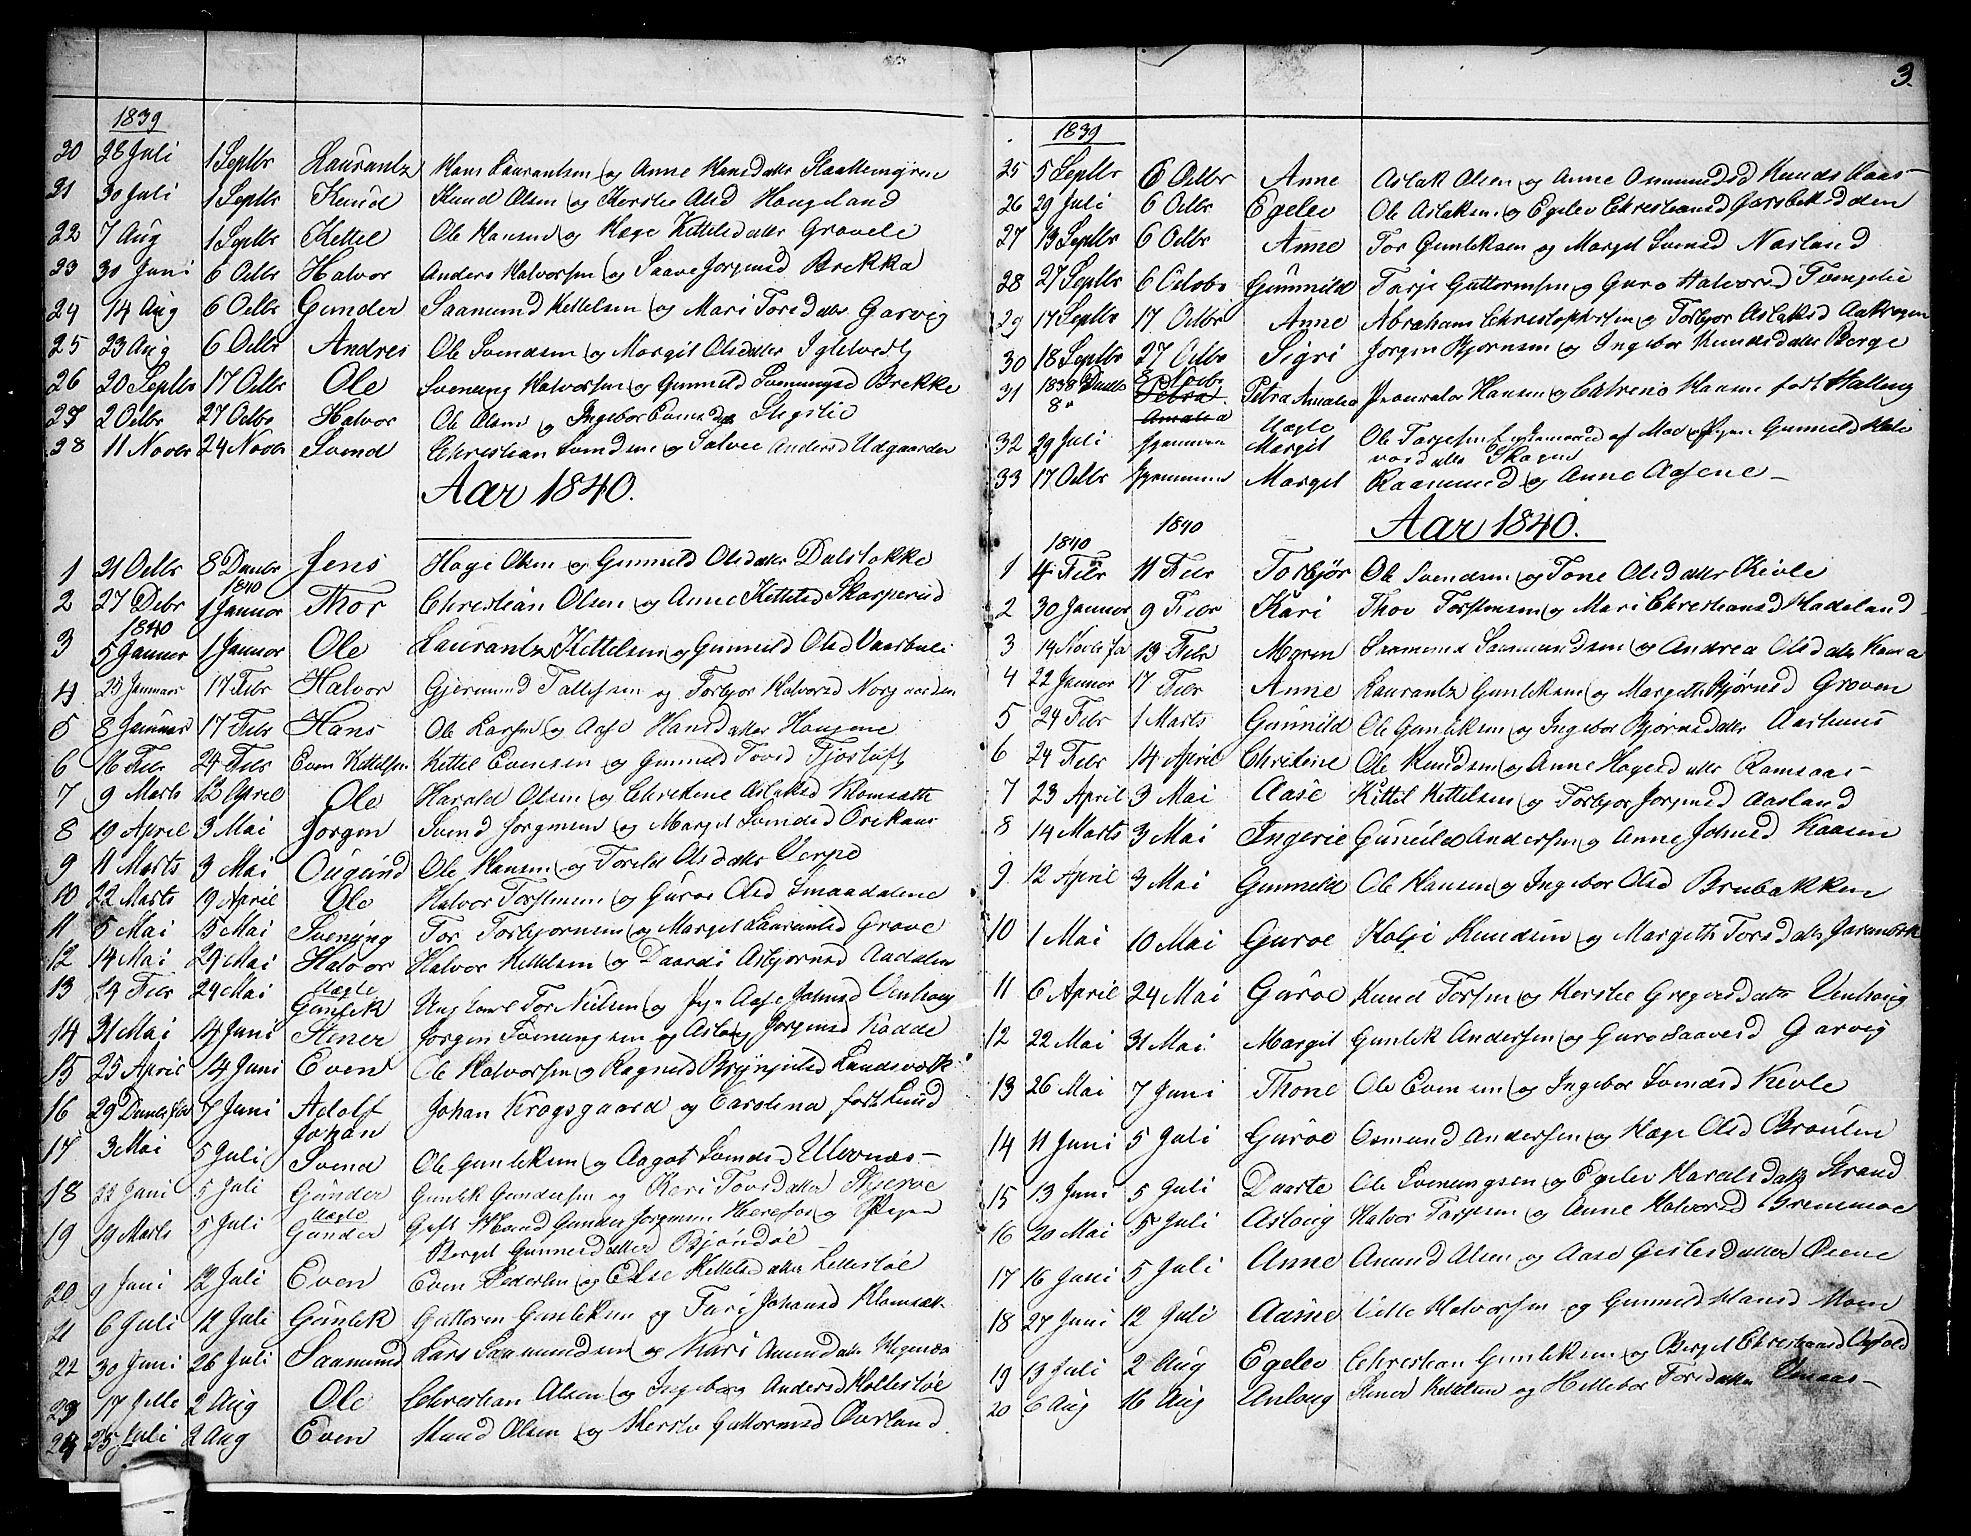 SAKO, Seljord kirkebøker, G/Ga/L0002: Klokkerbok nr. I 2, 1838-1866, s. 3